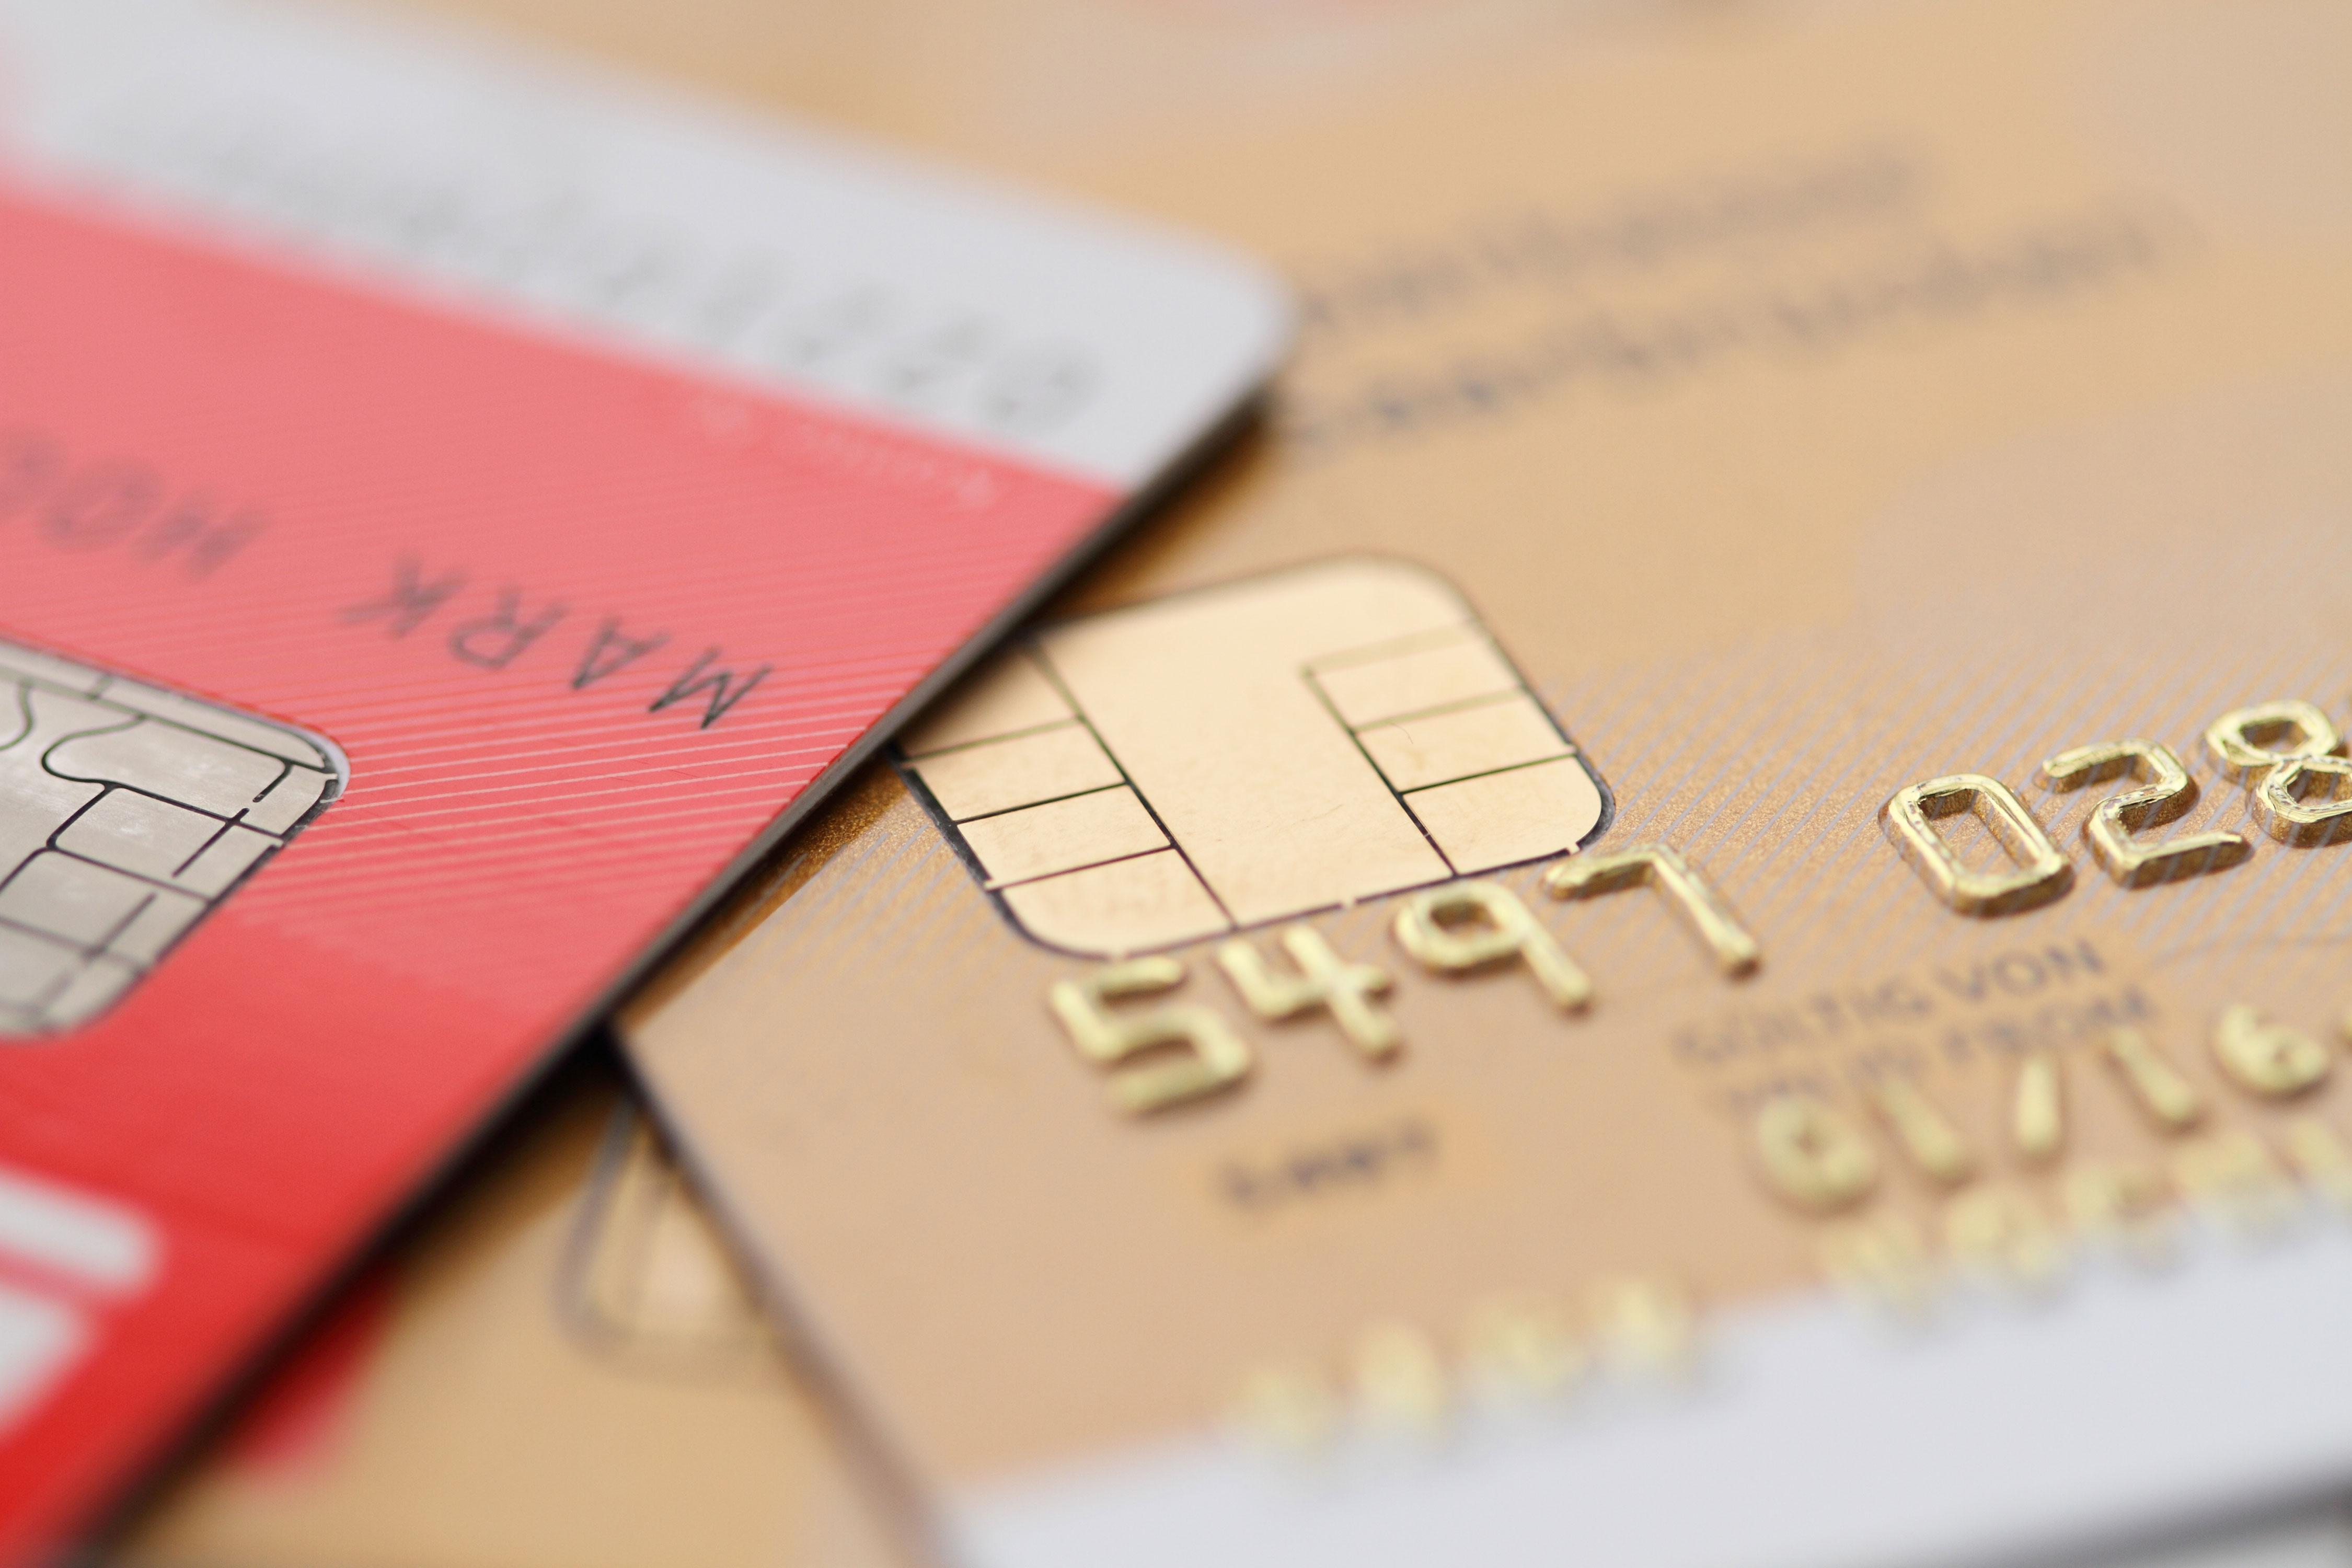 Gestapelte Kreditkarten